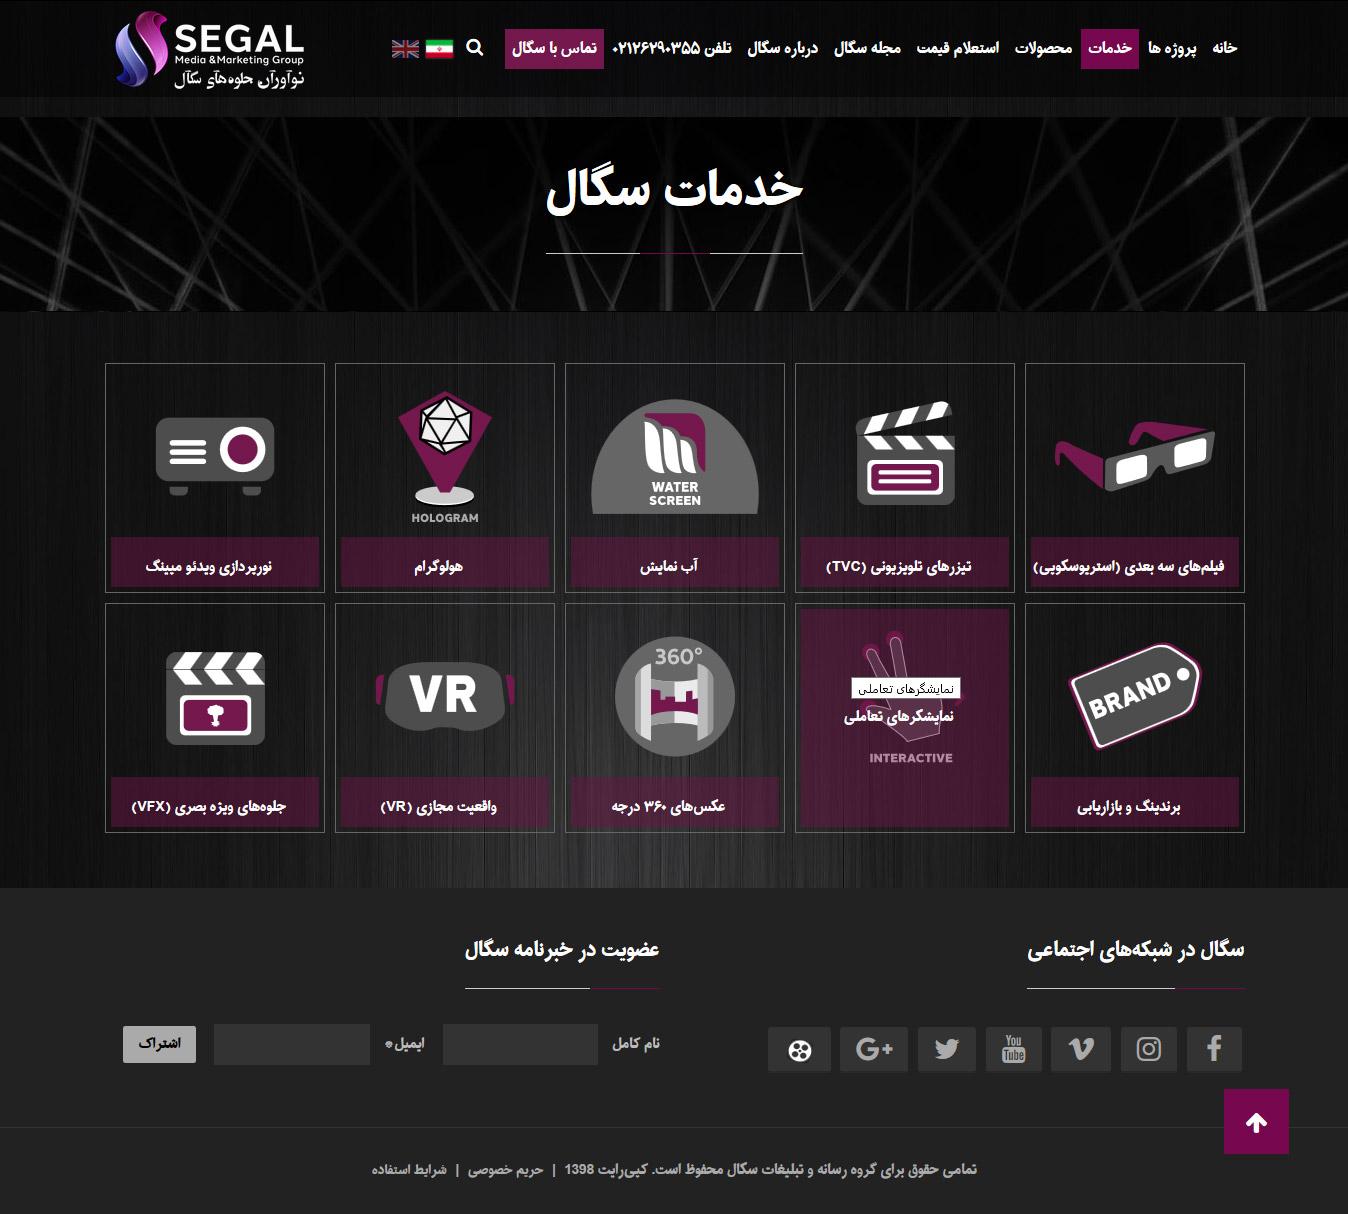 segalmedia-net-fa-Services